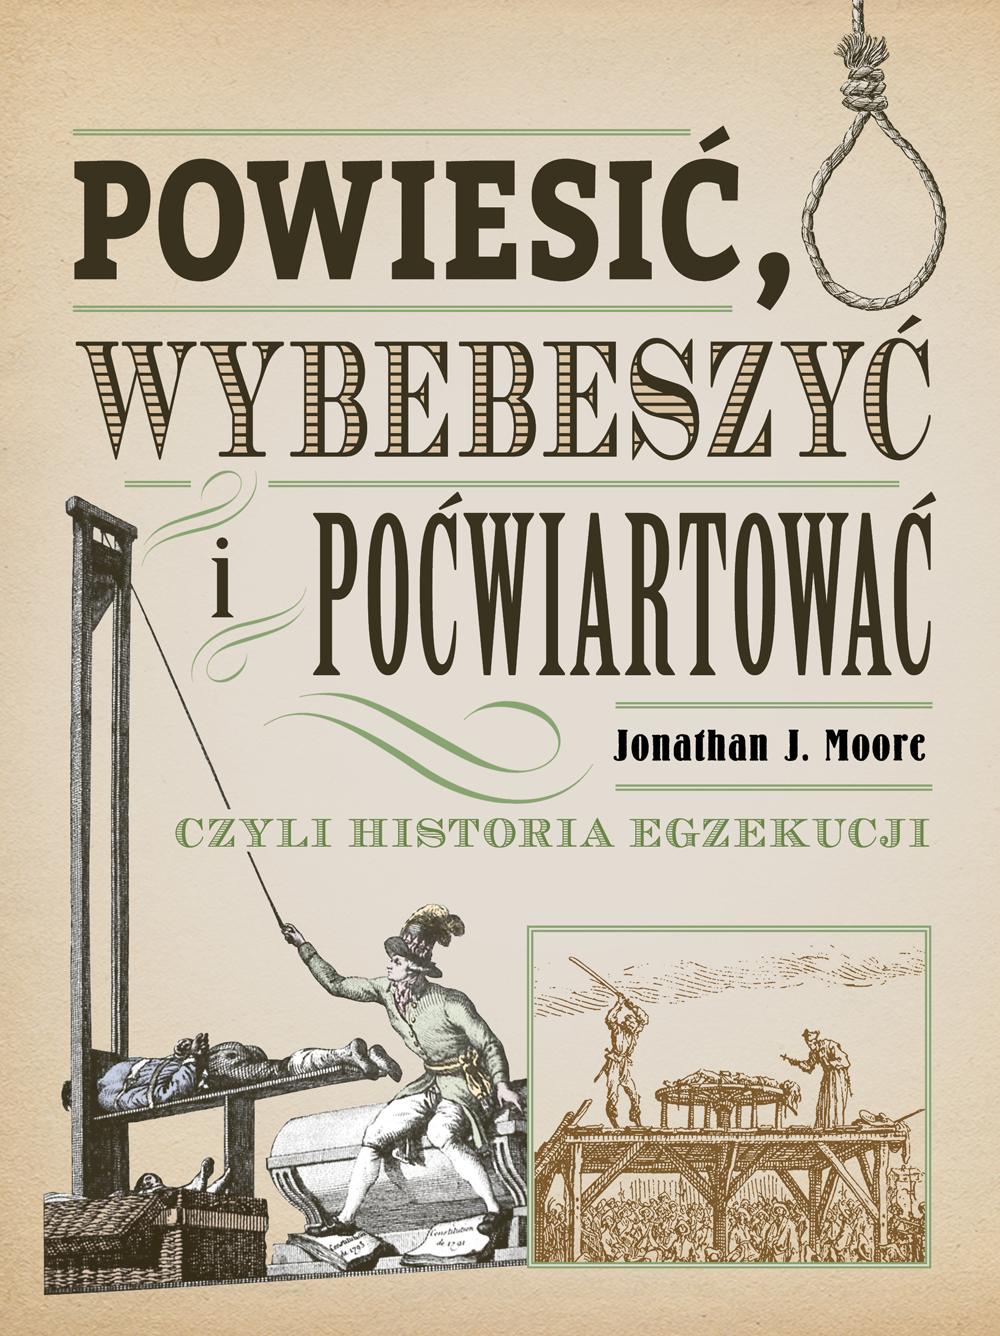 Moore_Powiesic-wybebeszyc-pocwiartowac_1000pcx